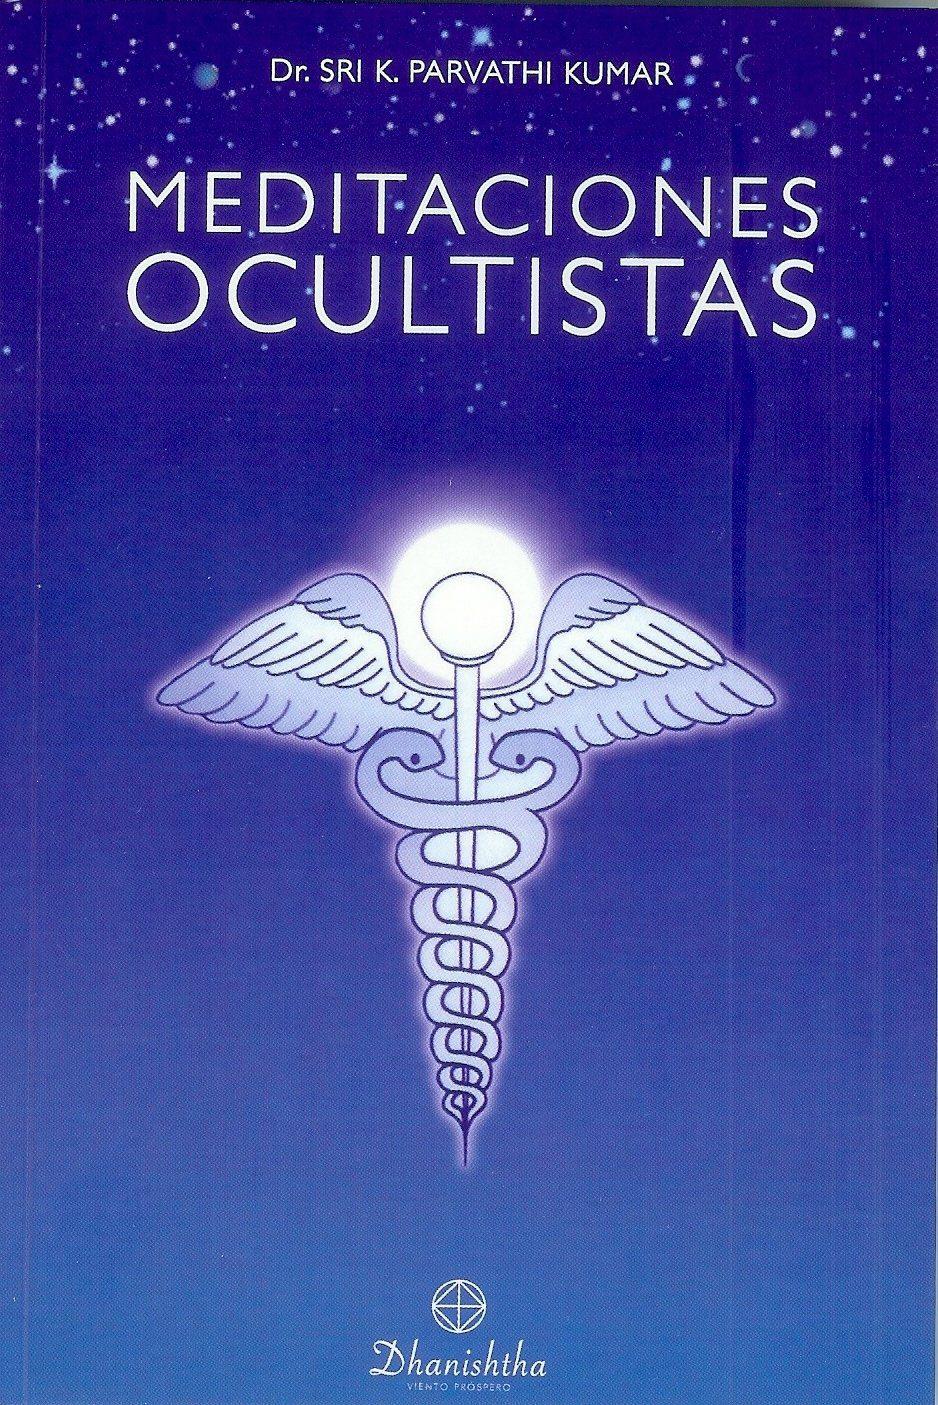 Meditaciones_Ocultistas.jpg